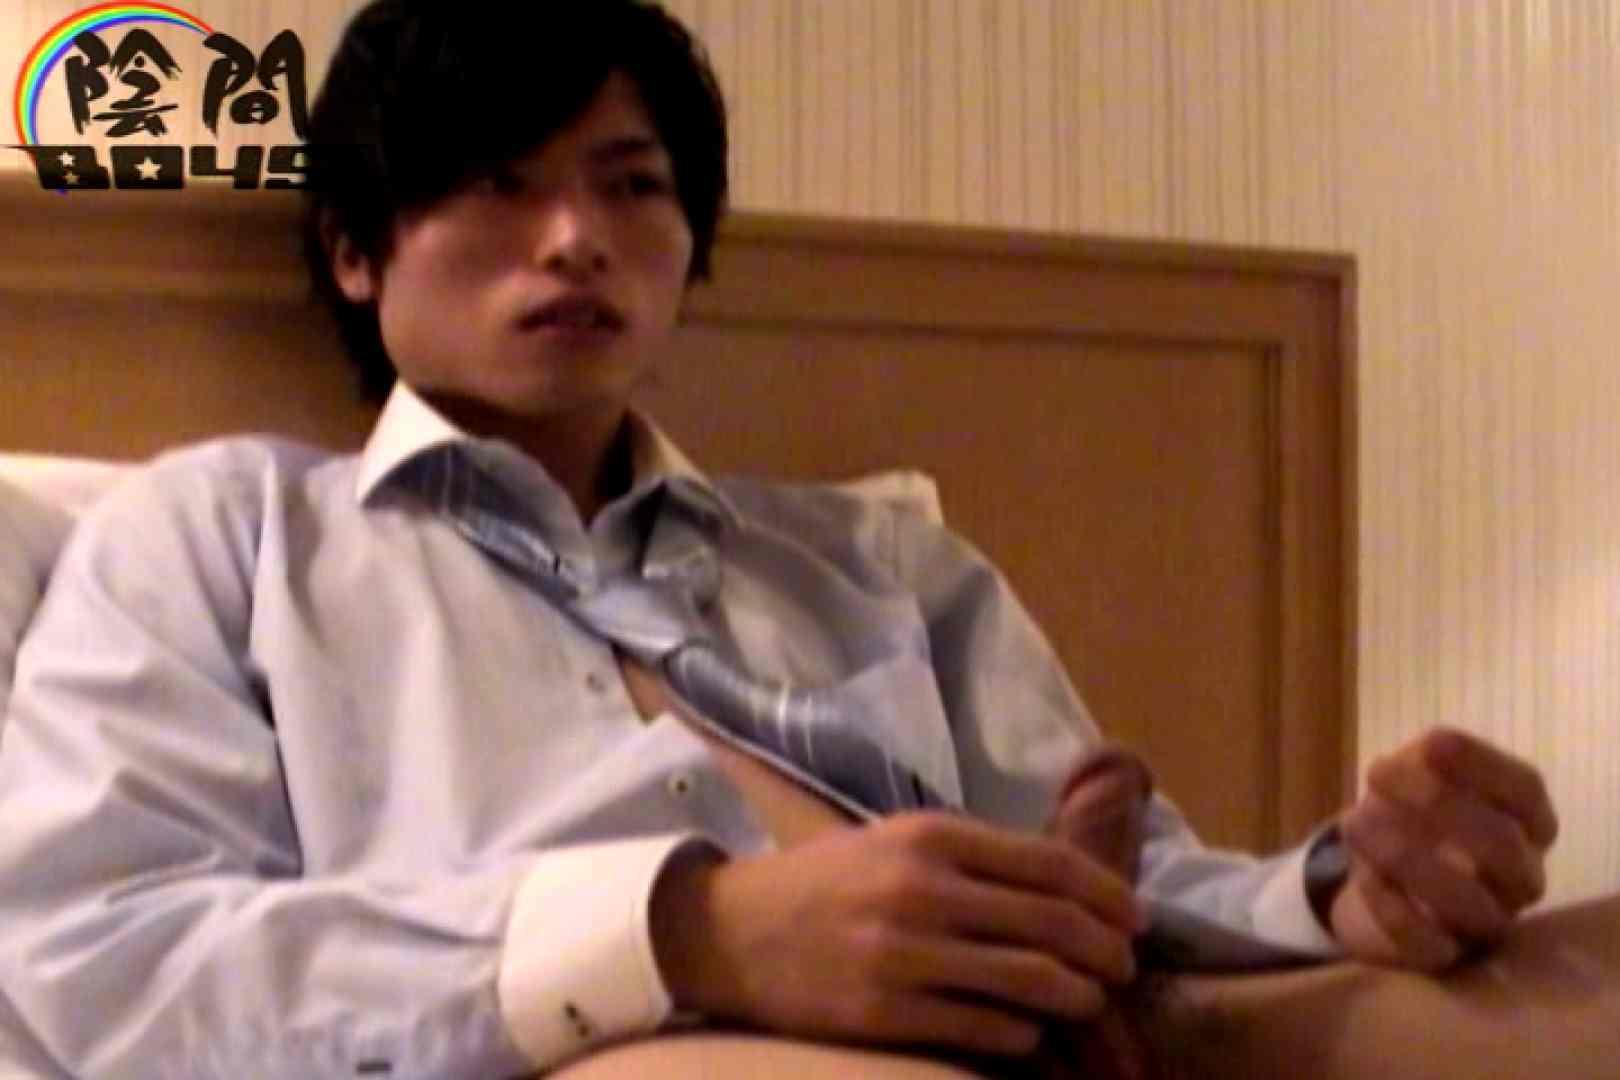 陰間BOYS~IKEMEN Interview~02 アナル ゲイザーメン画像 115枚 3